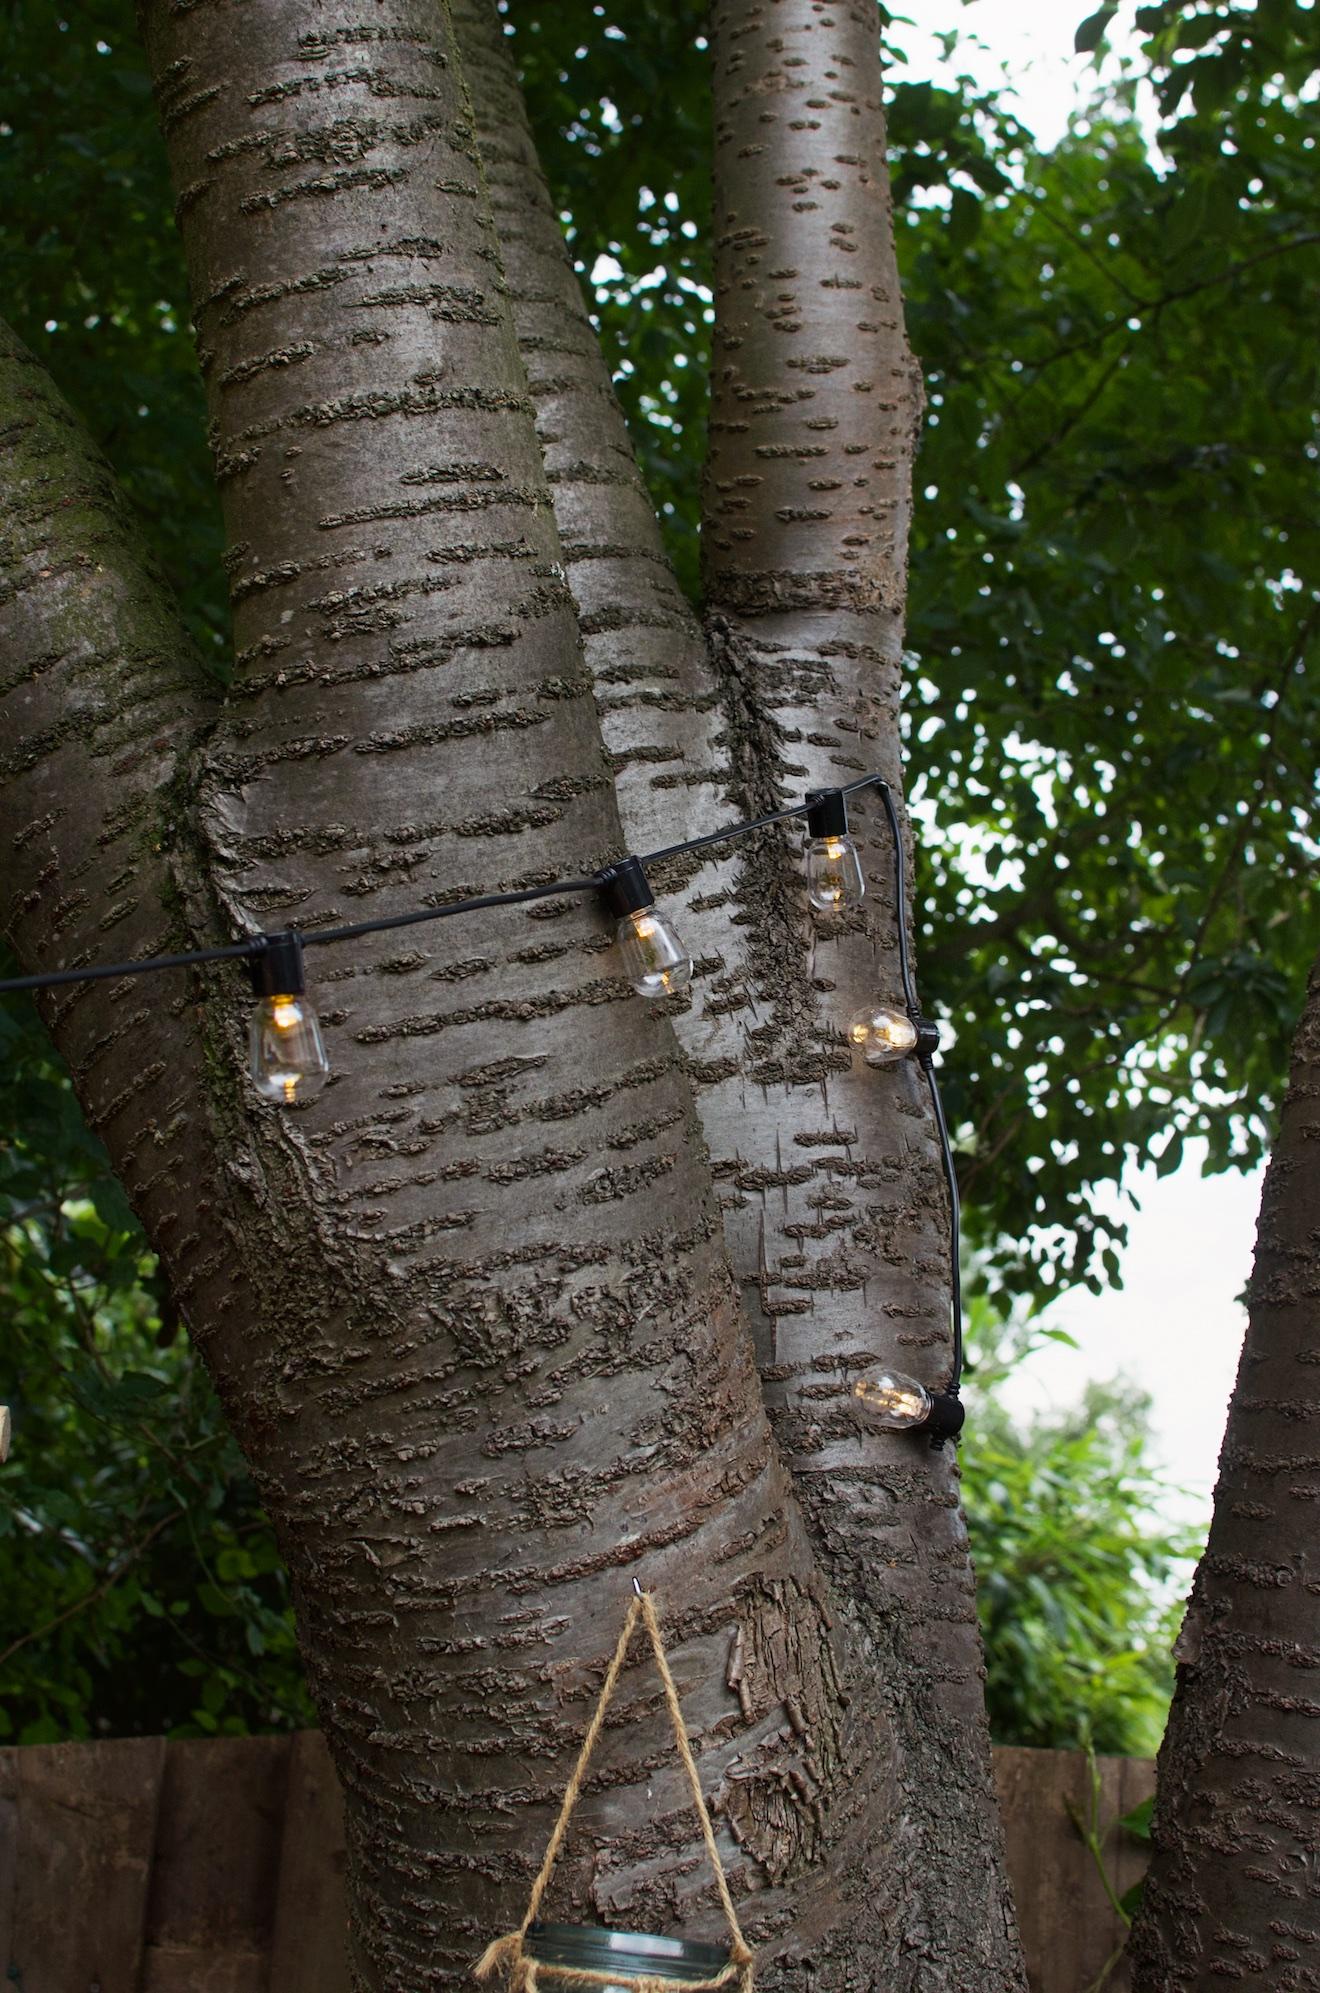 Buitenlampjes, lampjes voor buiten, feestlampjes (3)